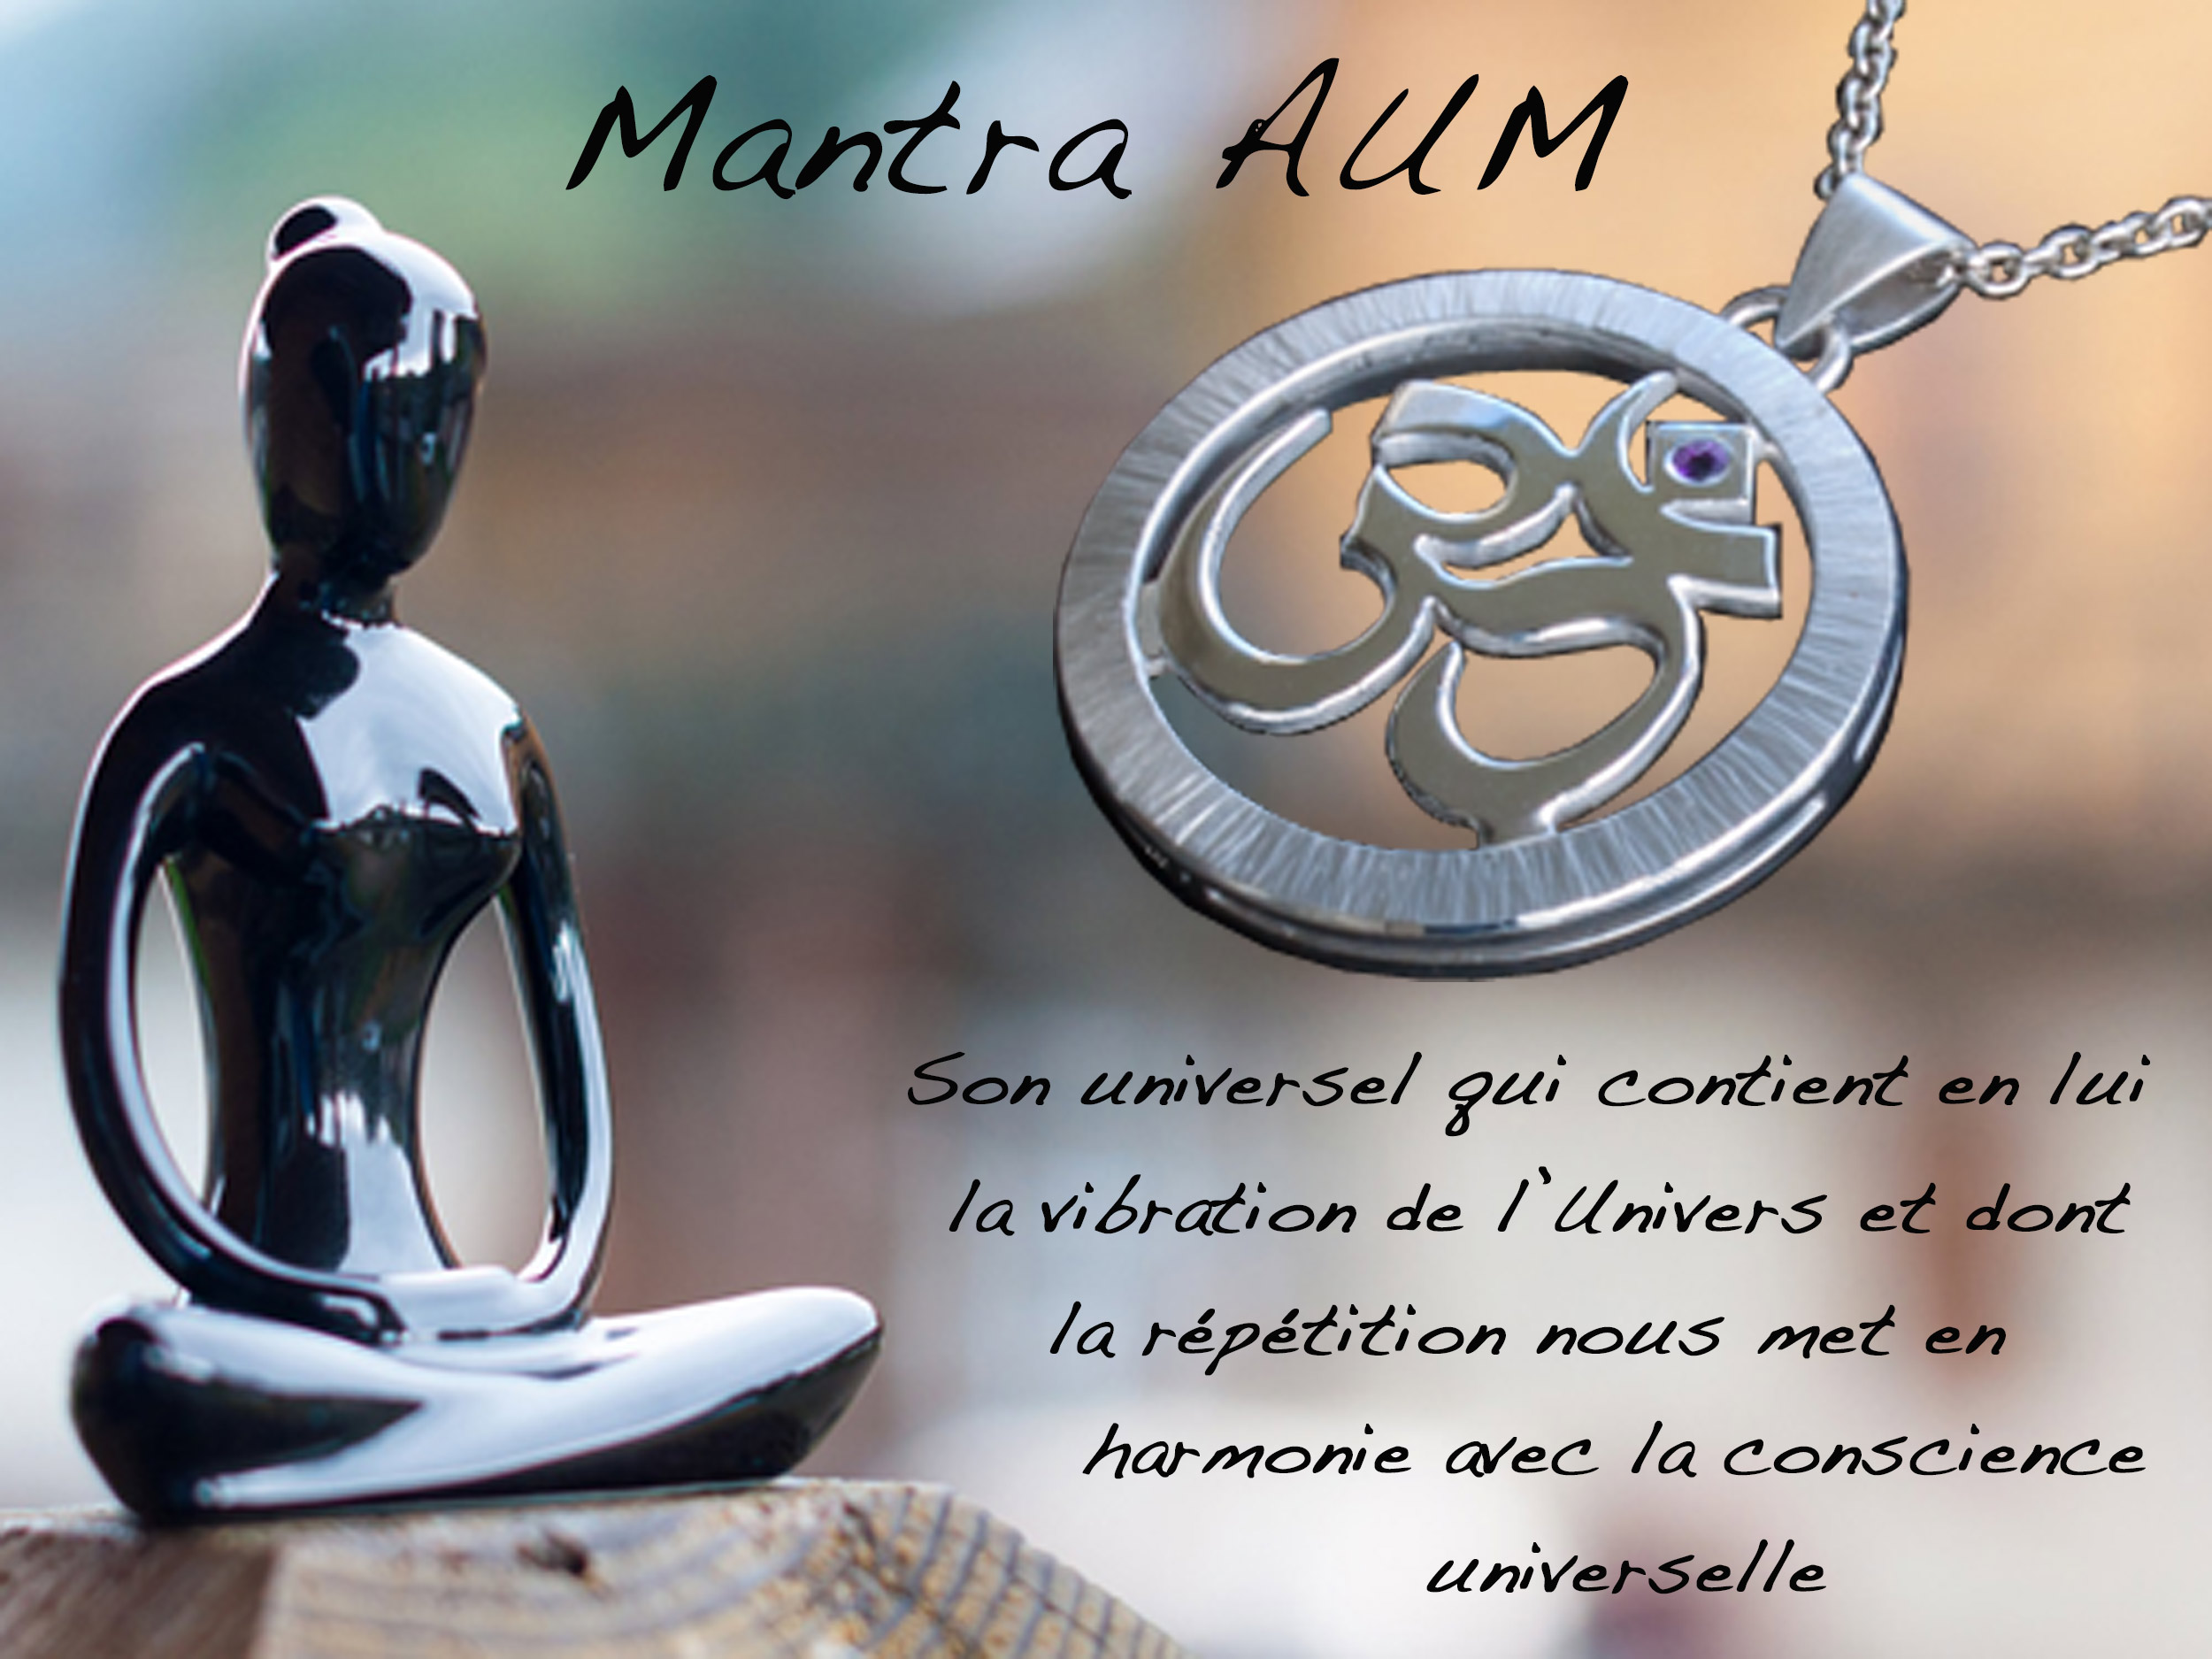 pendentif-argent-mantra-aum-095